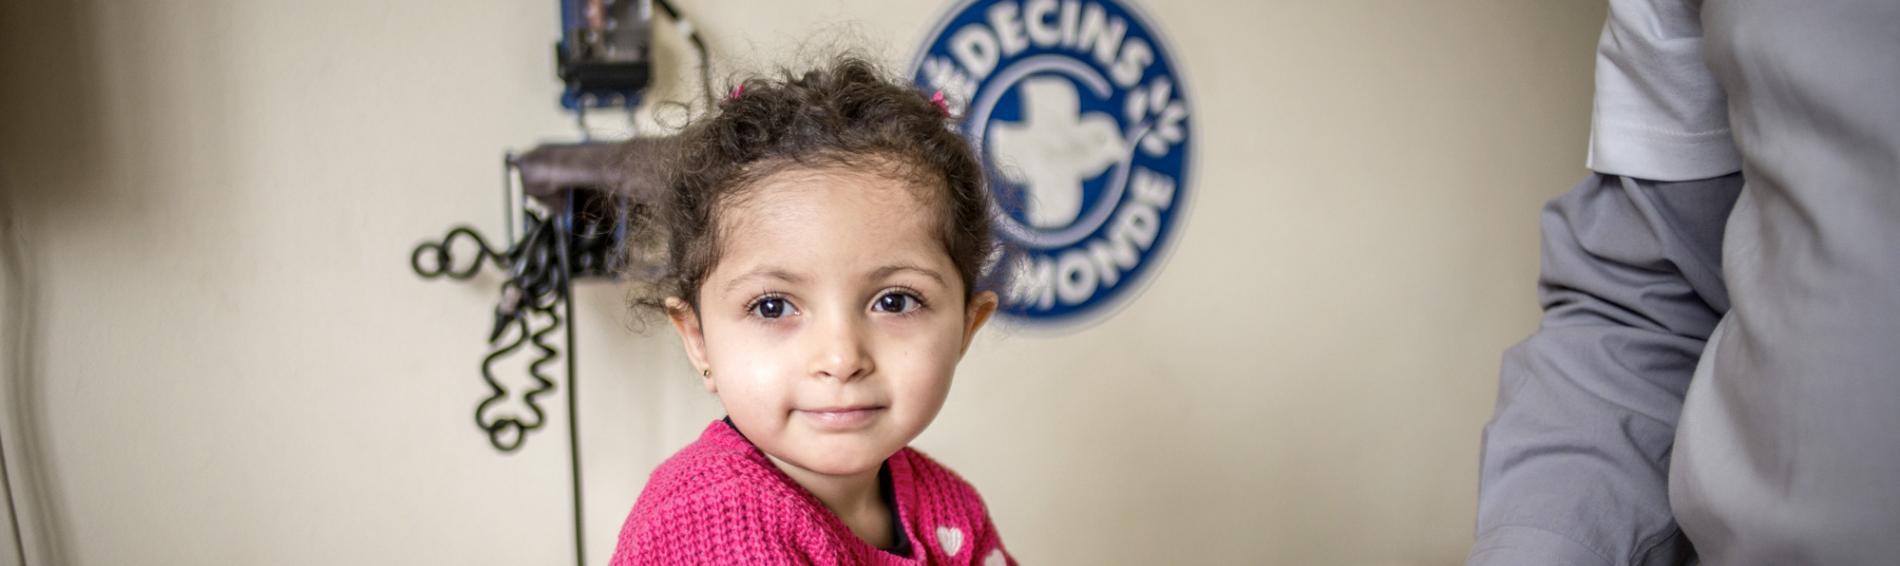 Wir versorgen Kinder ohne Zugang zum Gesundheitssystem. Foto: Olivier Papegnies